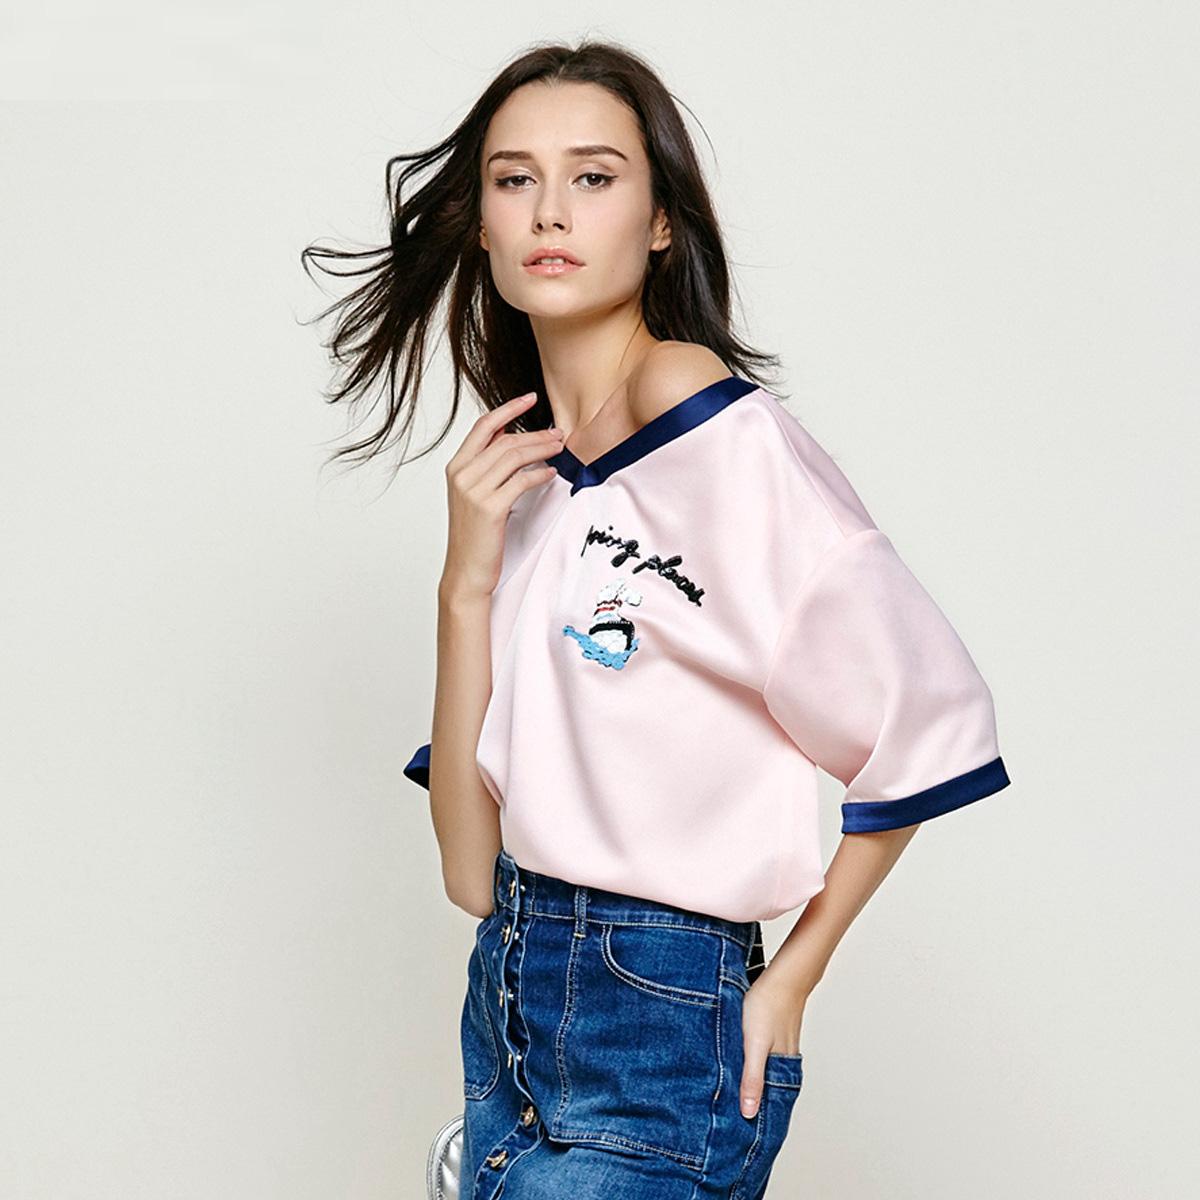 Five Plus新女夏装拼接刺绣亮片图案宽松V领短袖衬衫2JM2012330